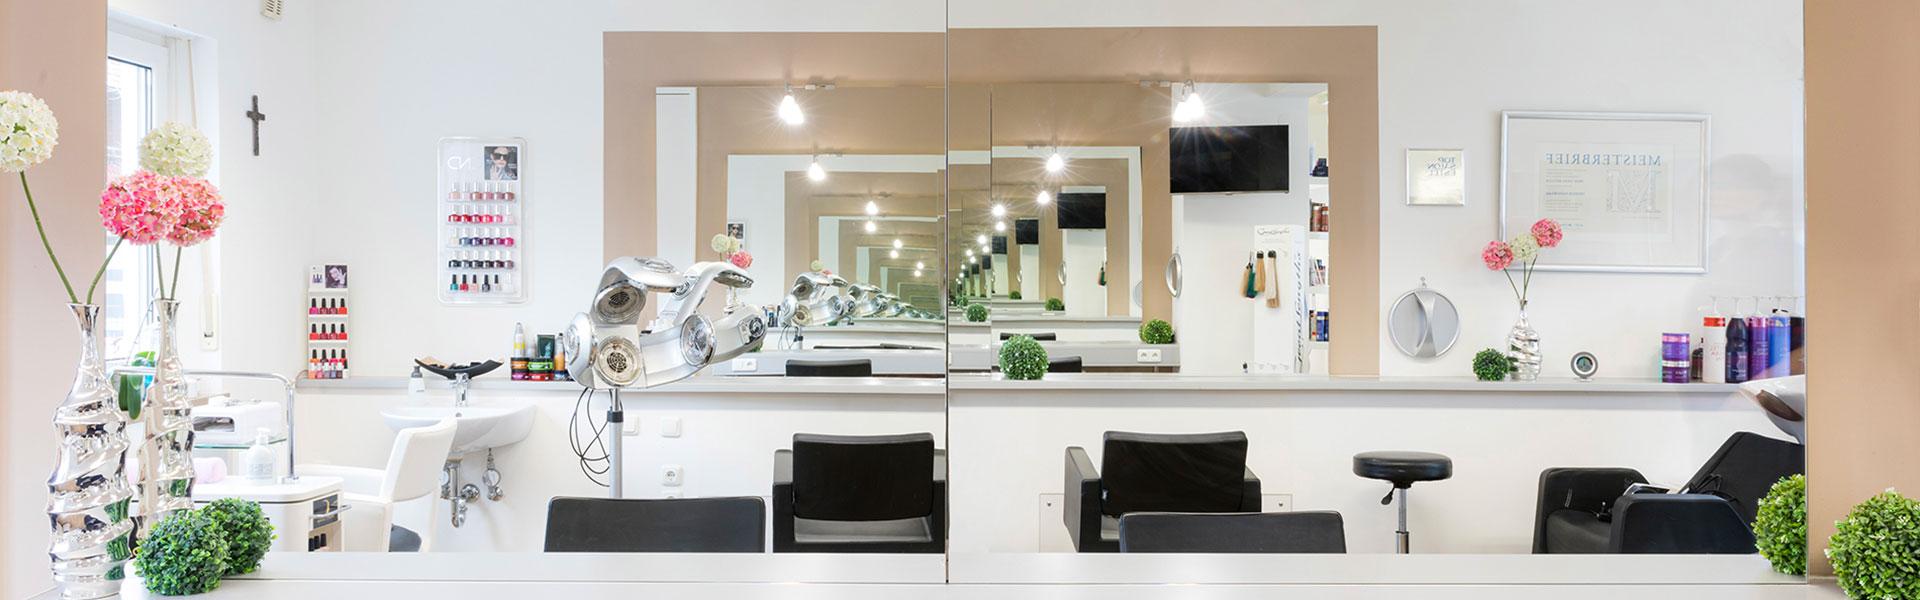 Friseur Beauty Lounge in Mühldorf